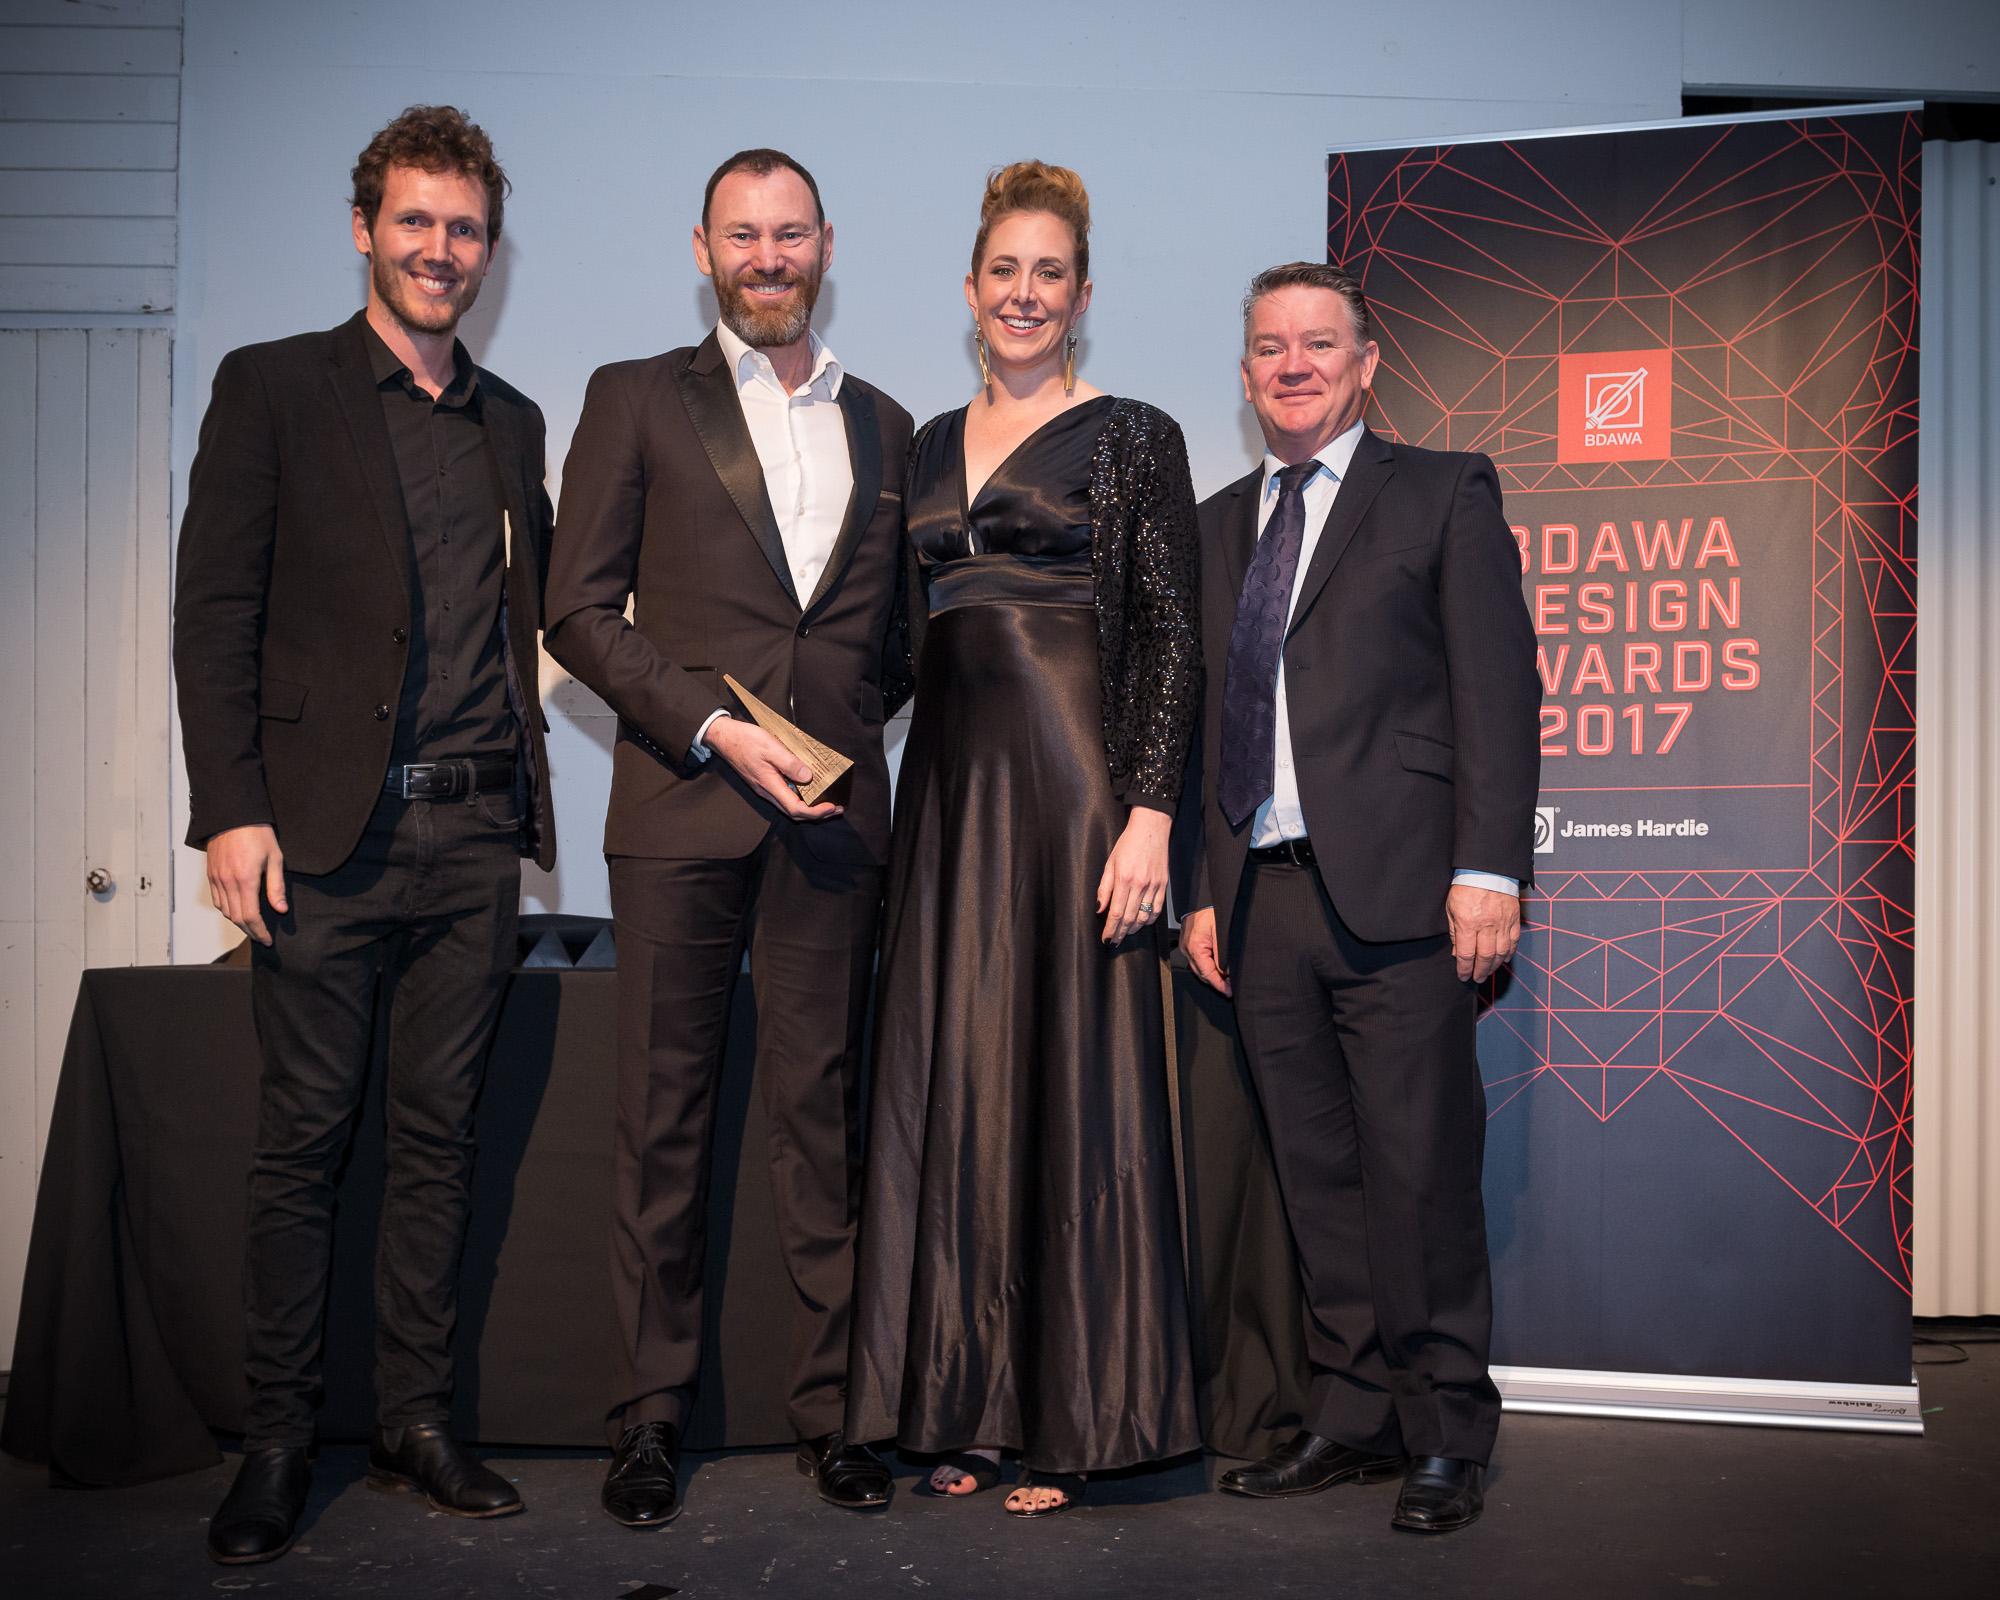 0145 BDA WA Awards 2017 _JHG7380.jpg